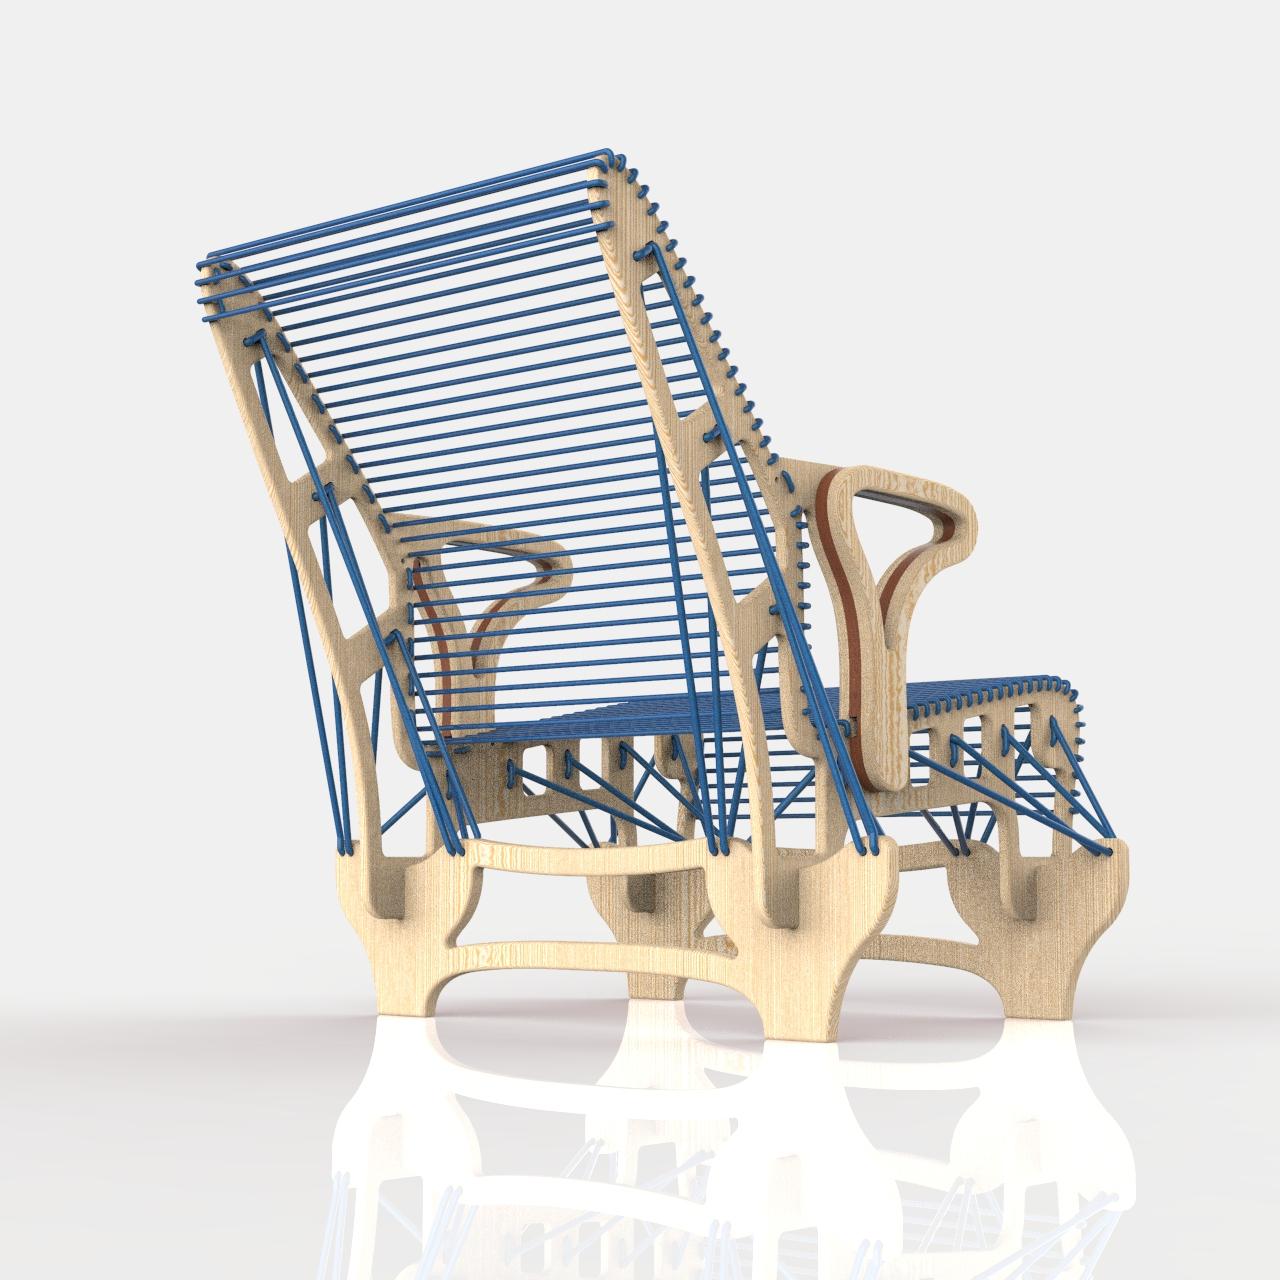 绳索椅休闲椅模型3D图纸 x_t step格式